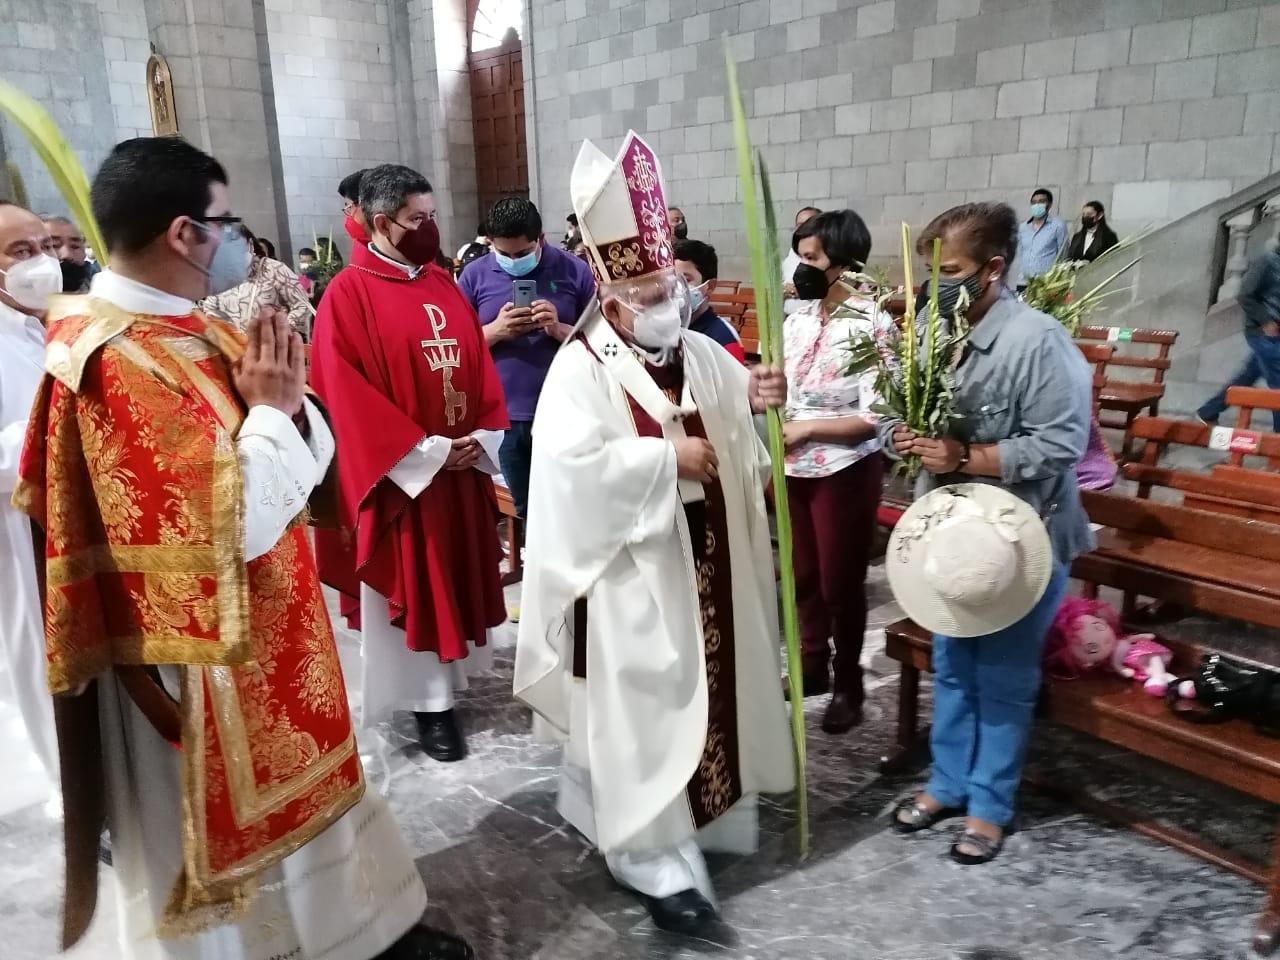 Celebran Domingo de Ramos en Catedral de Toluca con aforo máximo permitido